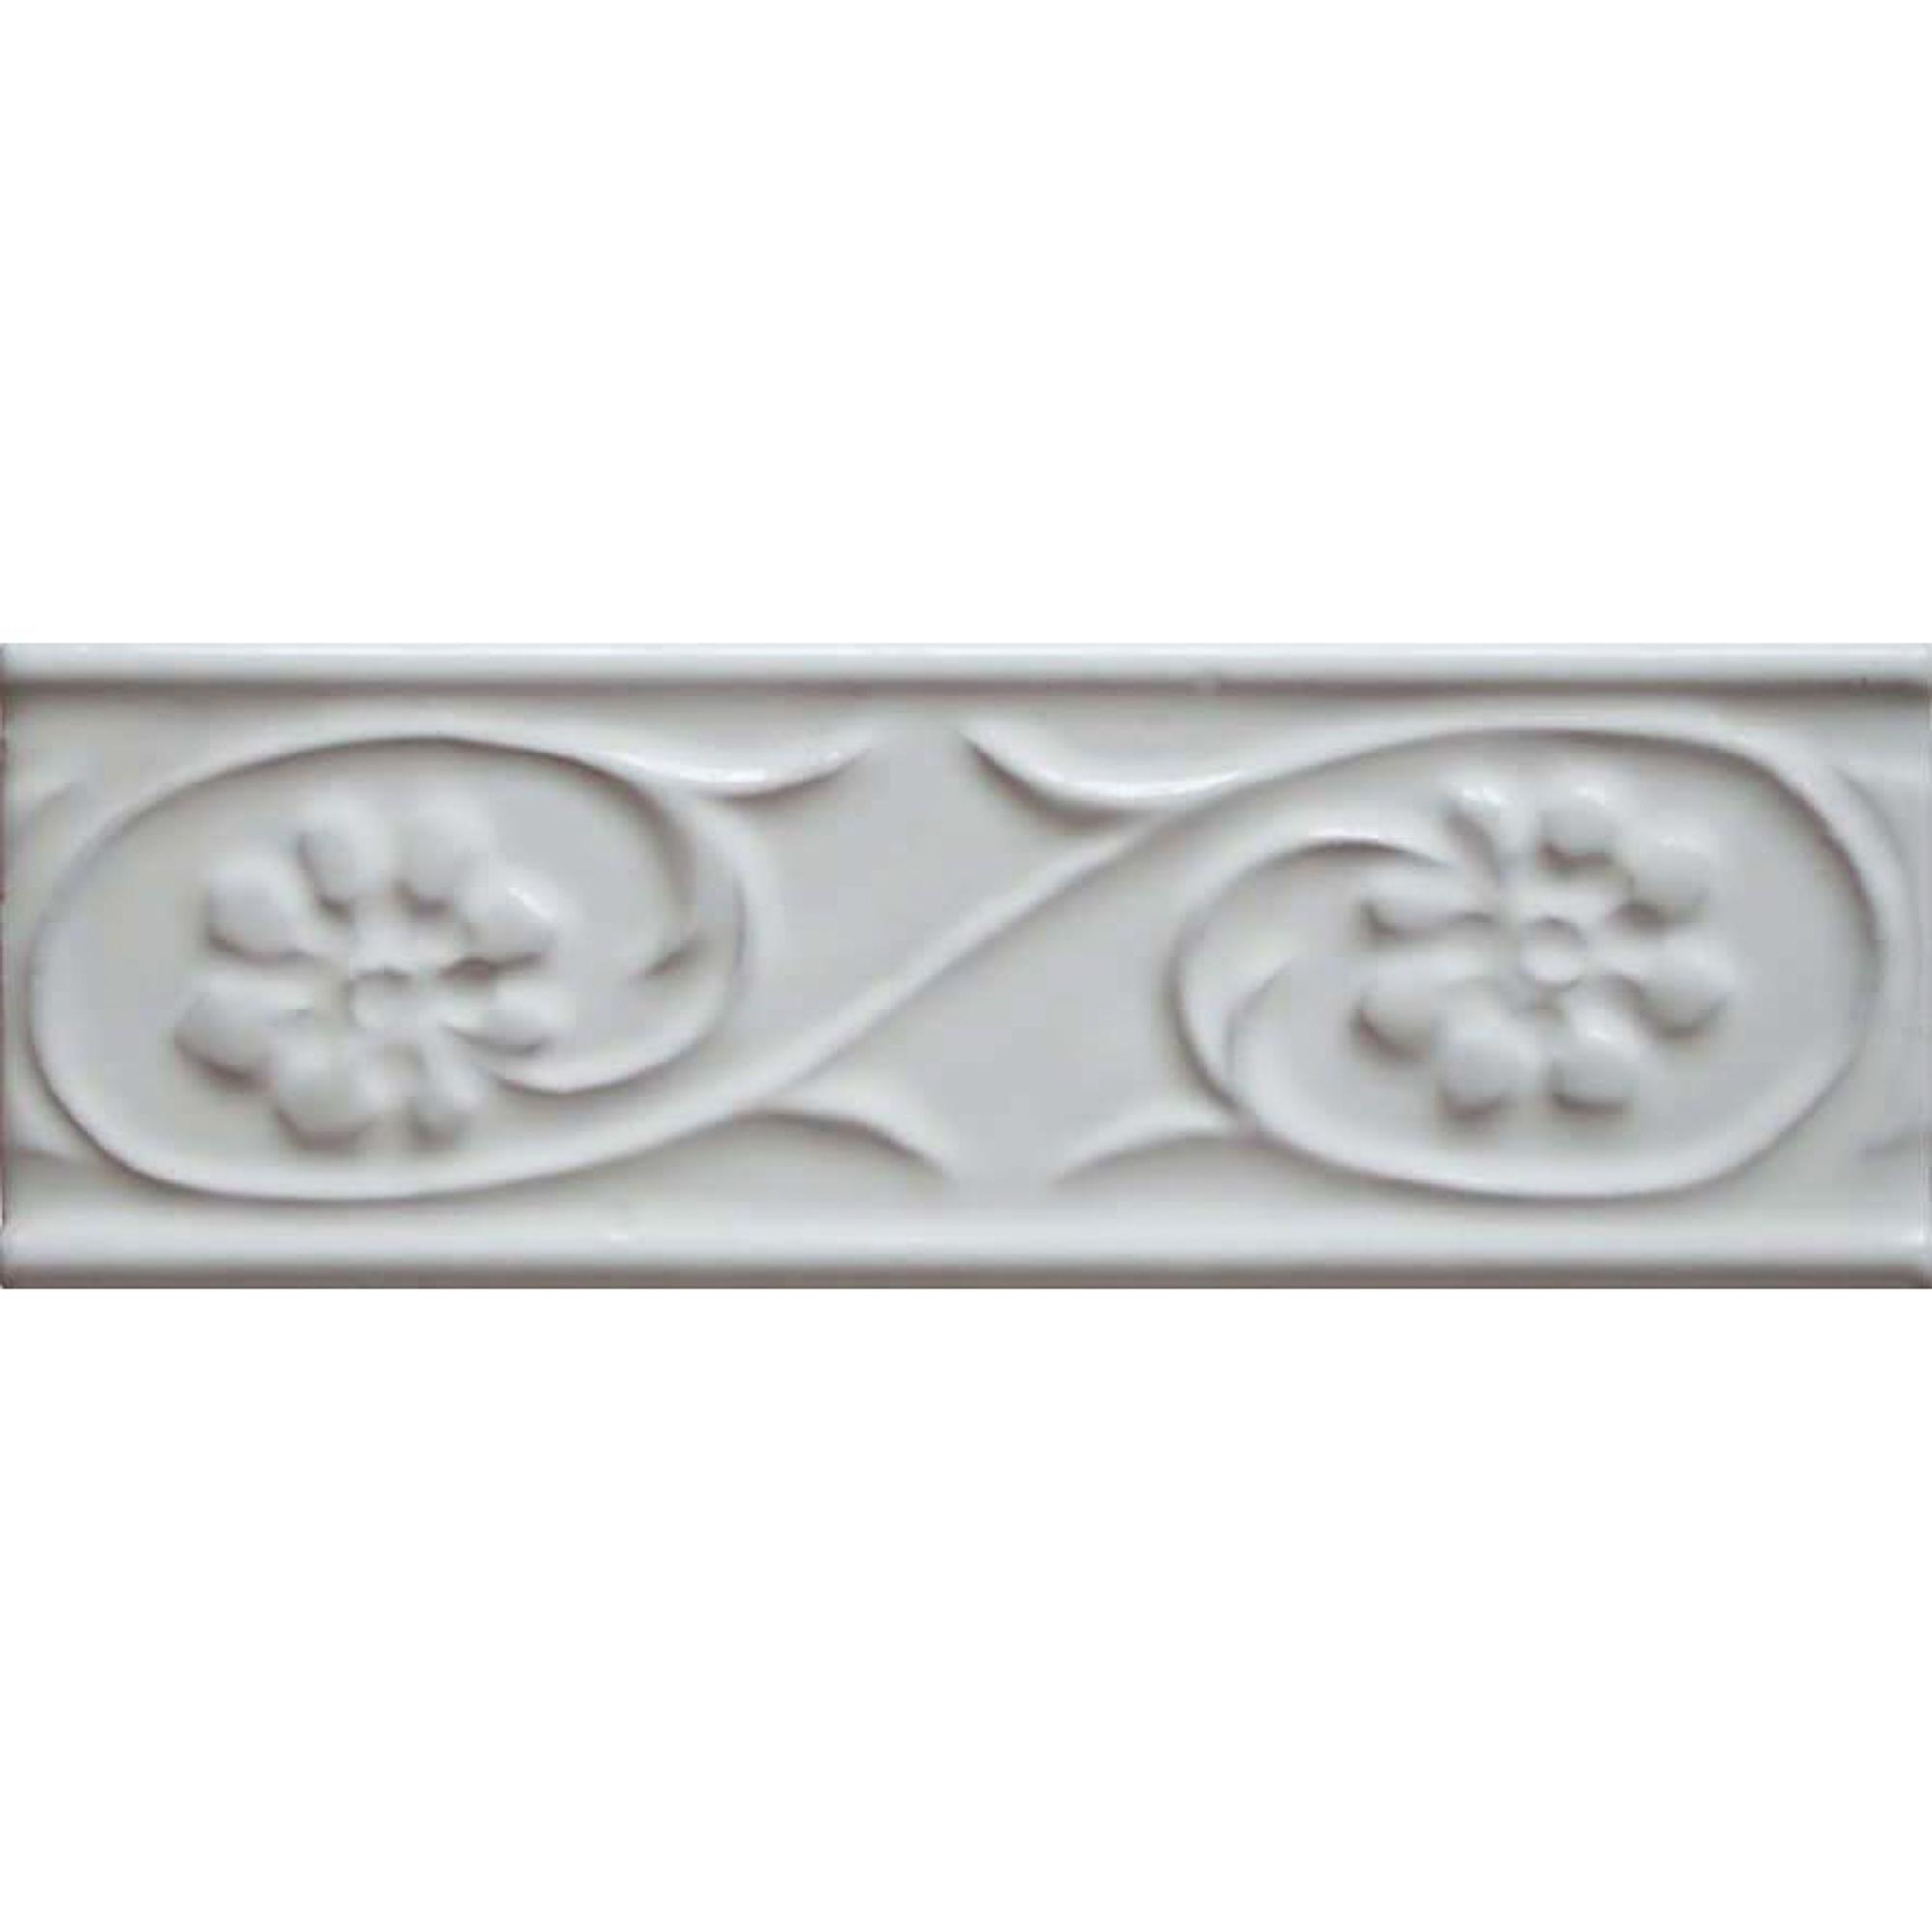 Купить Бордюр Bellavista Biselados Blanco 5x15 см, бордюр, Испания, белый, керамика